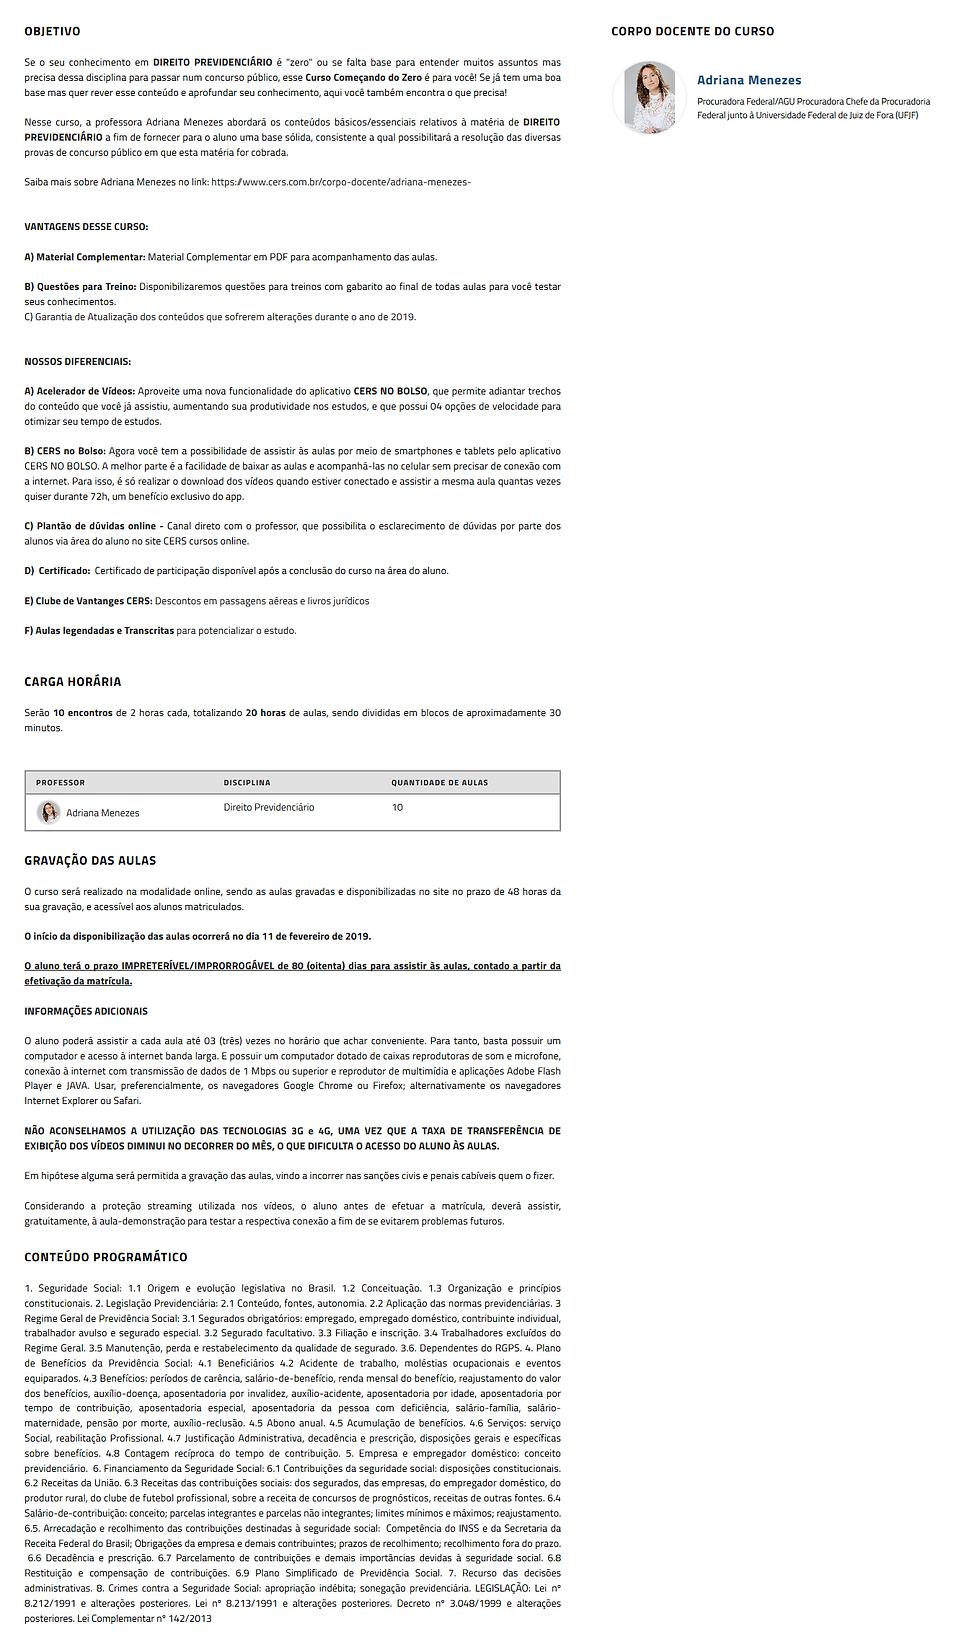 Direito Previdenciario CS(12).png